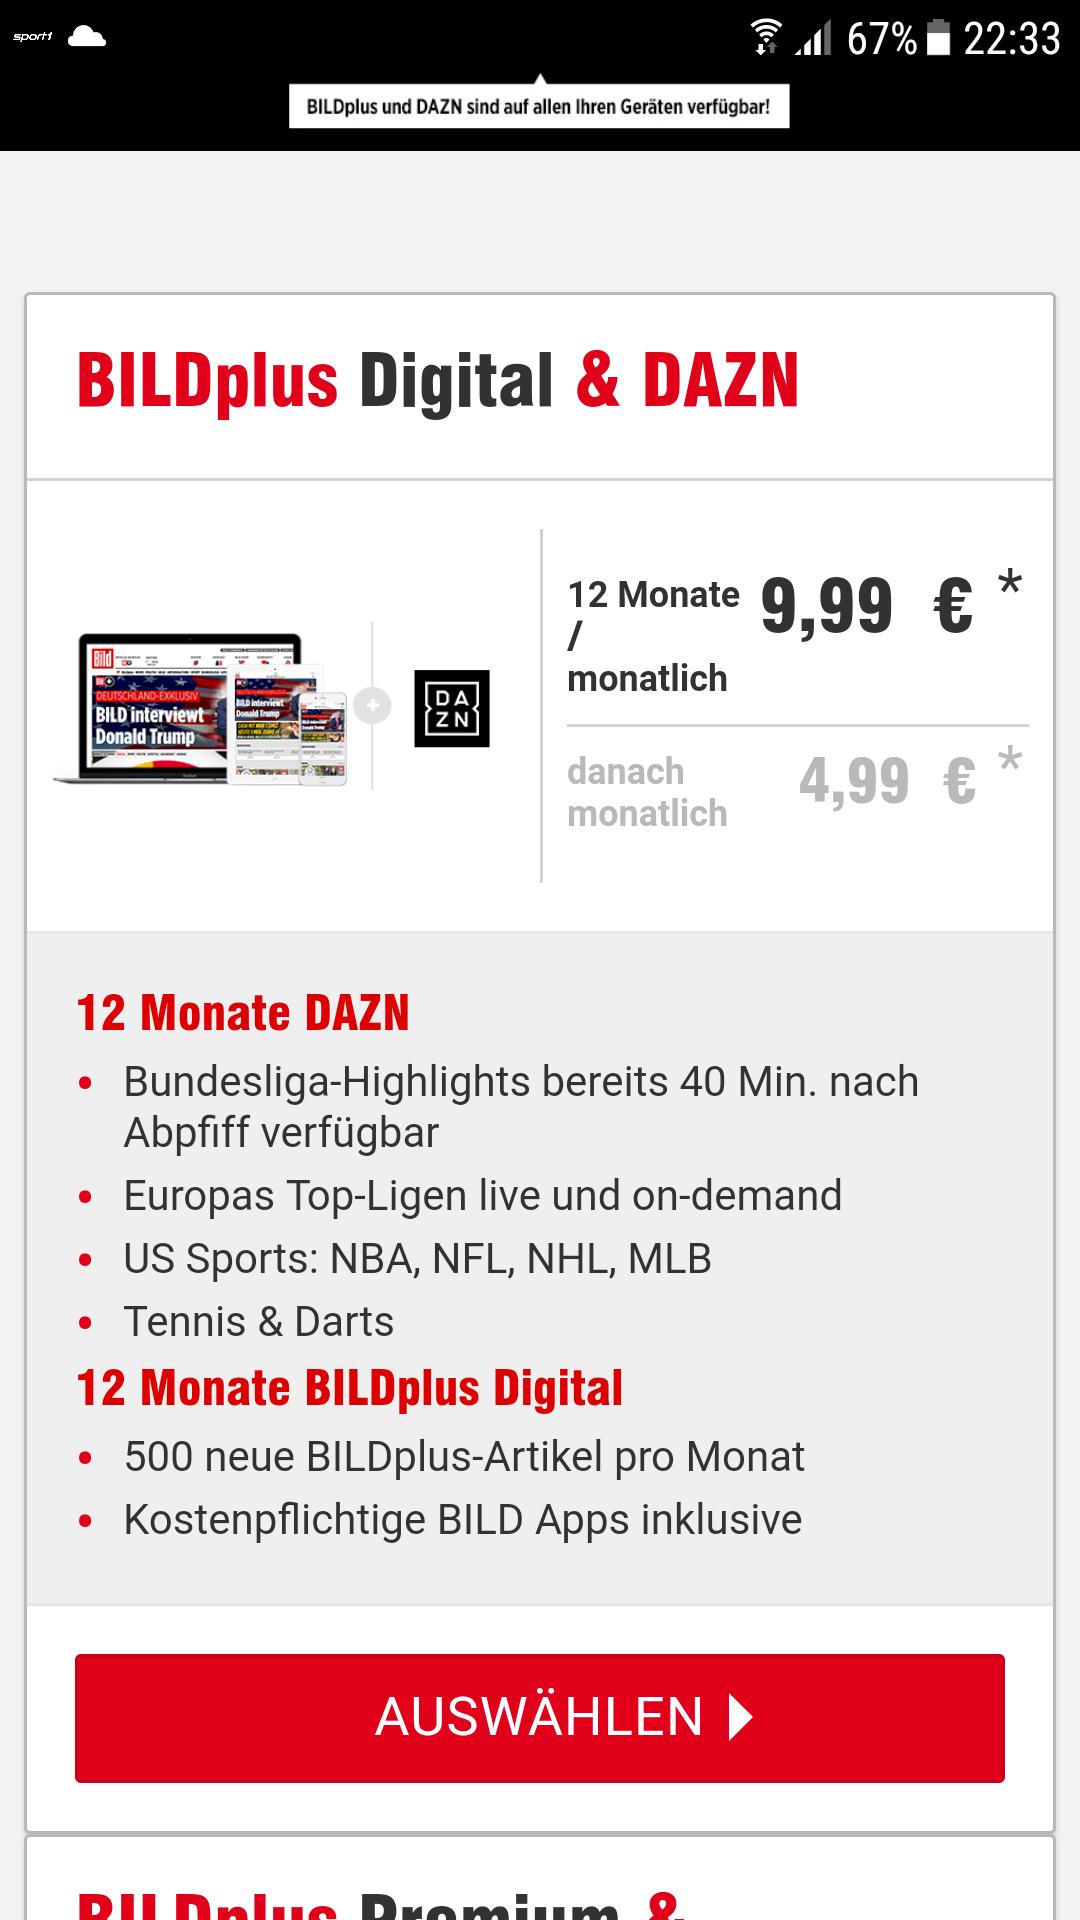 BILD Plus + DAZN für 9,99€/Monat für Bild Bestandskunden/ ehemalige Kunden